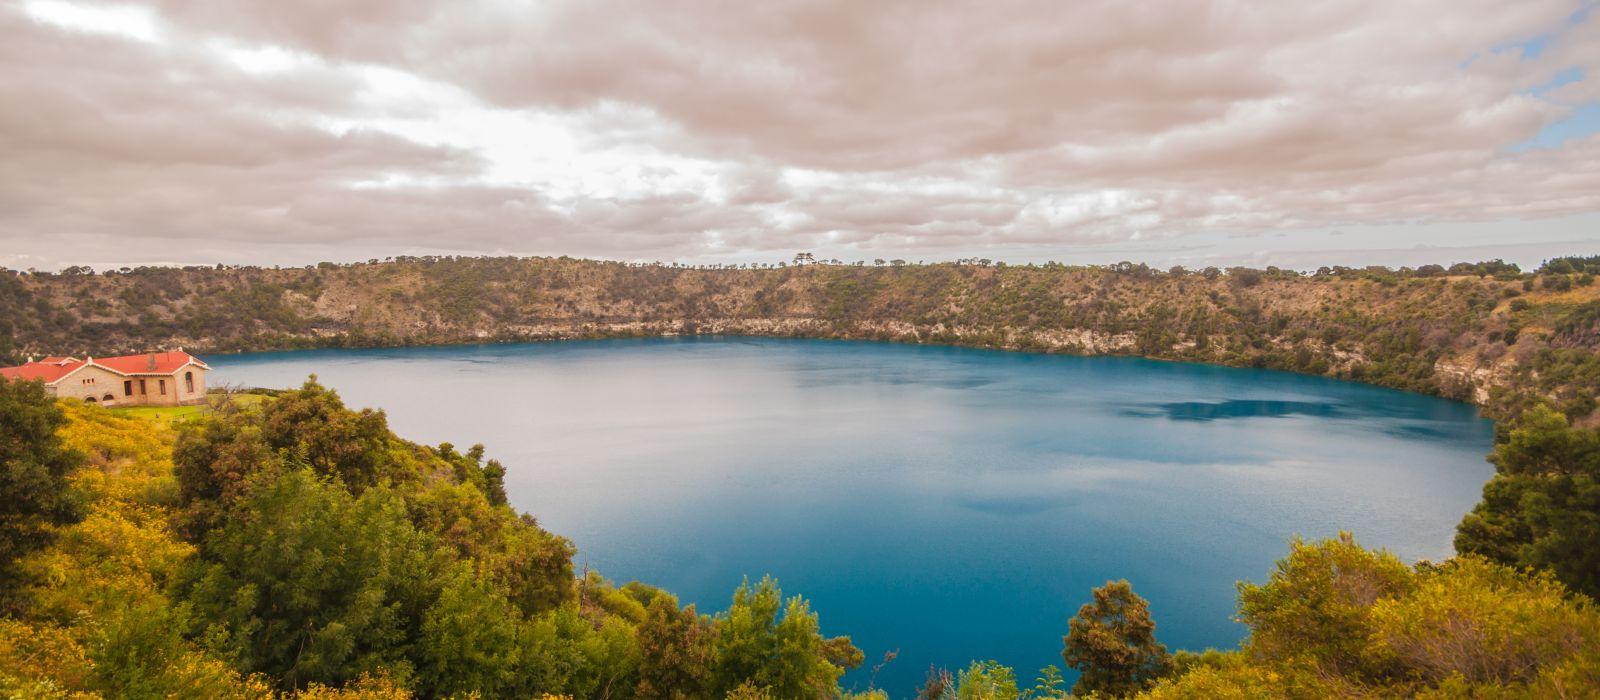 Reiseziel Mount Gambier Australien